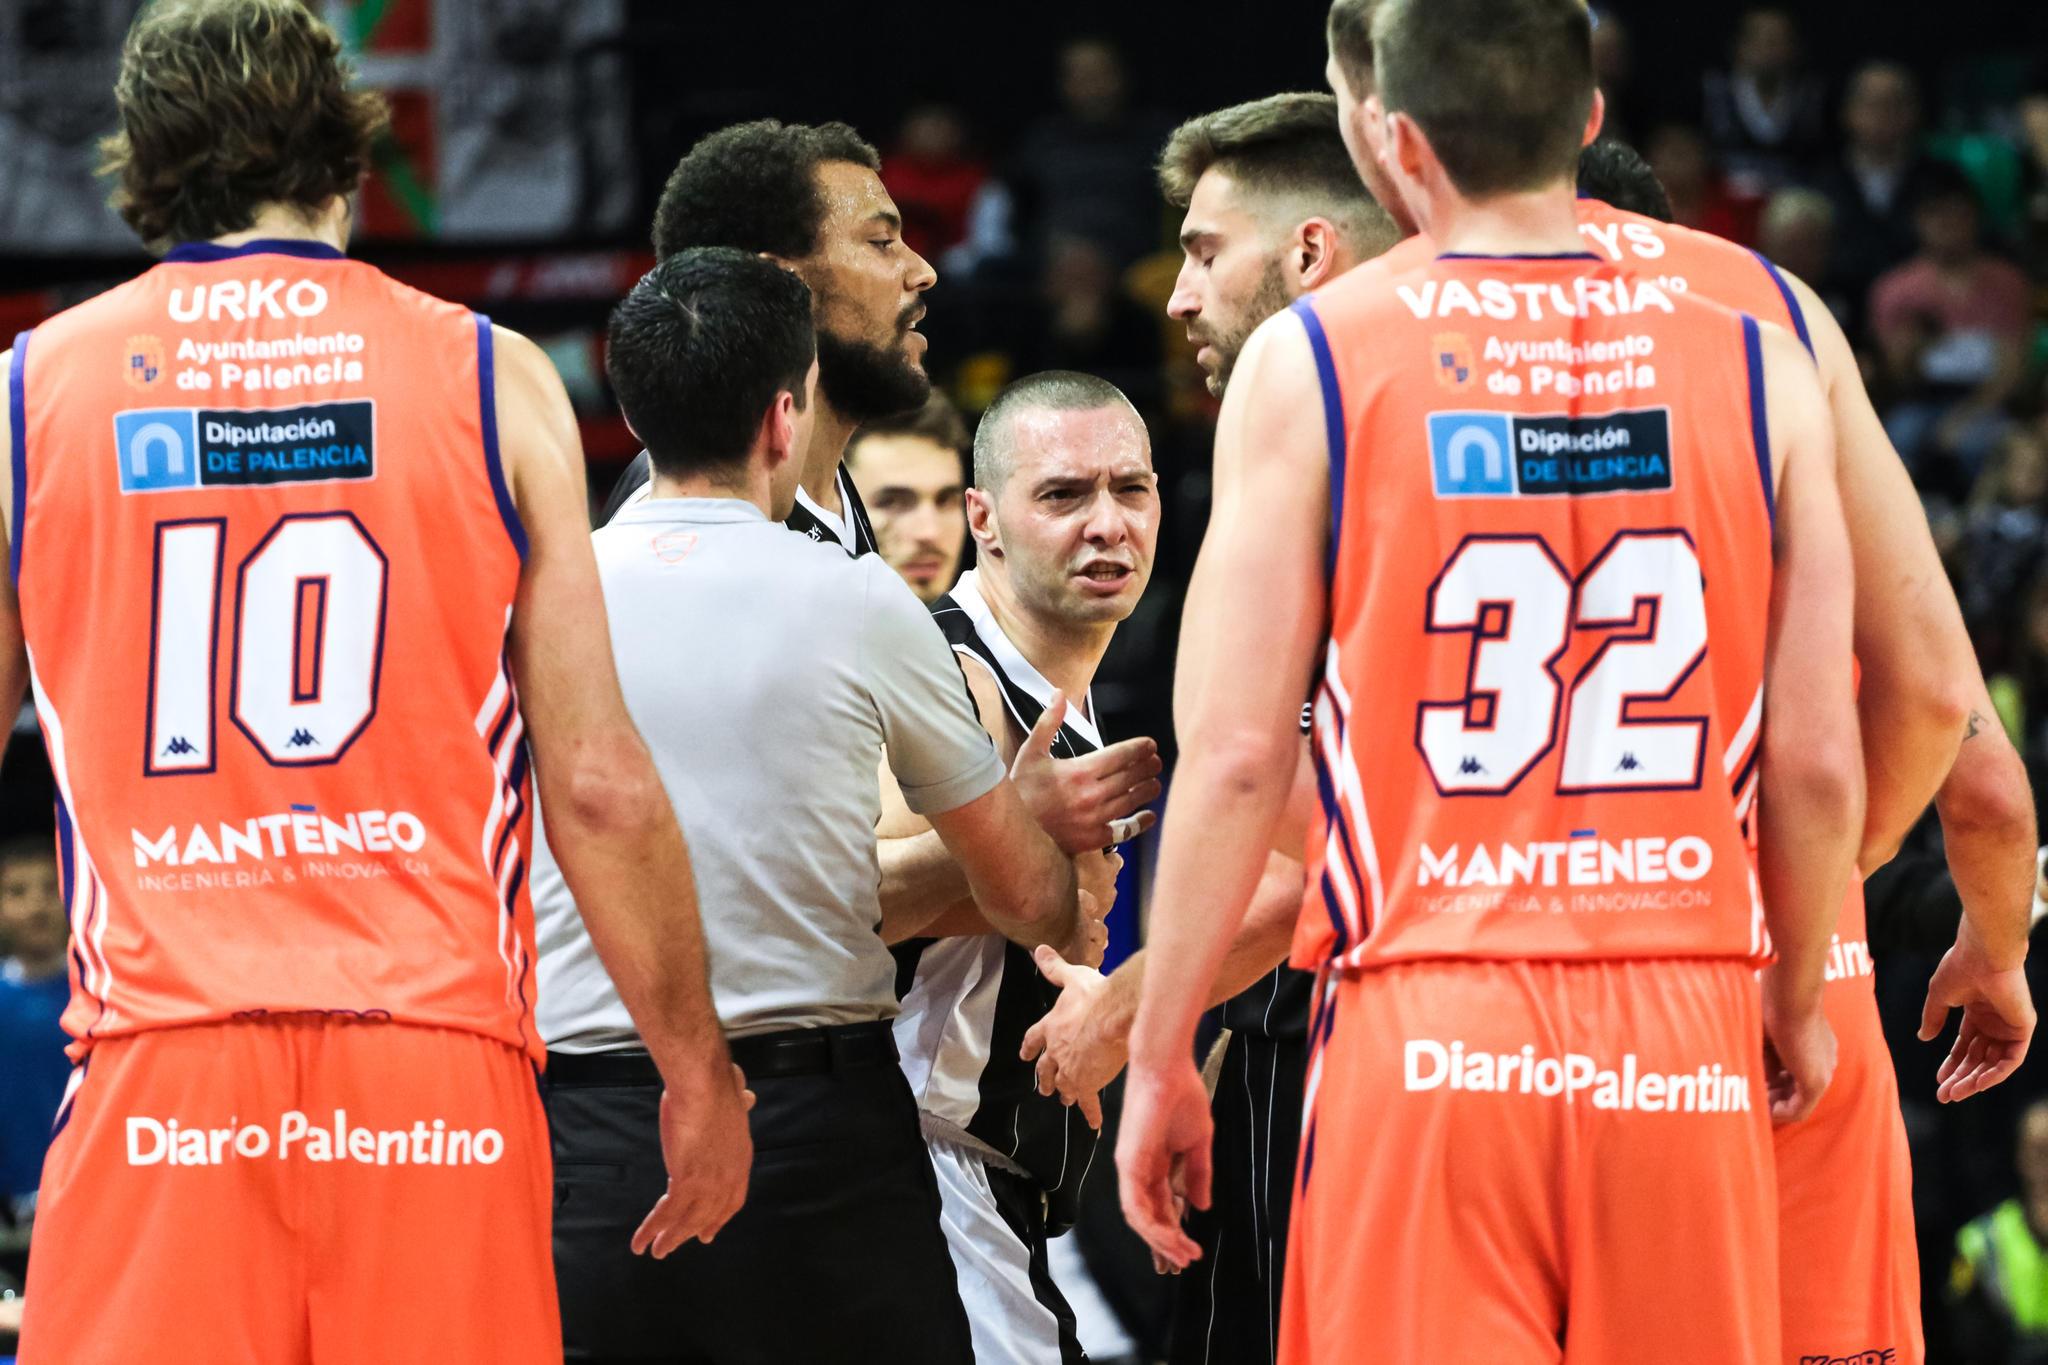 Salgado pide explicaciones a un rival  | Foto: Luis Fernando Boo.